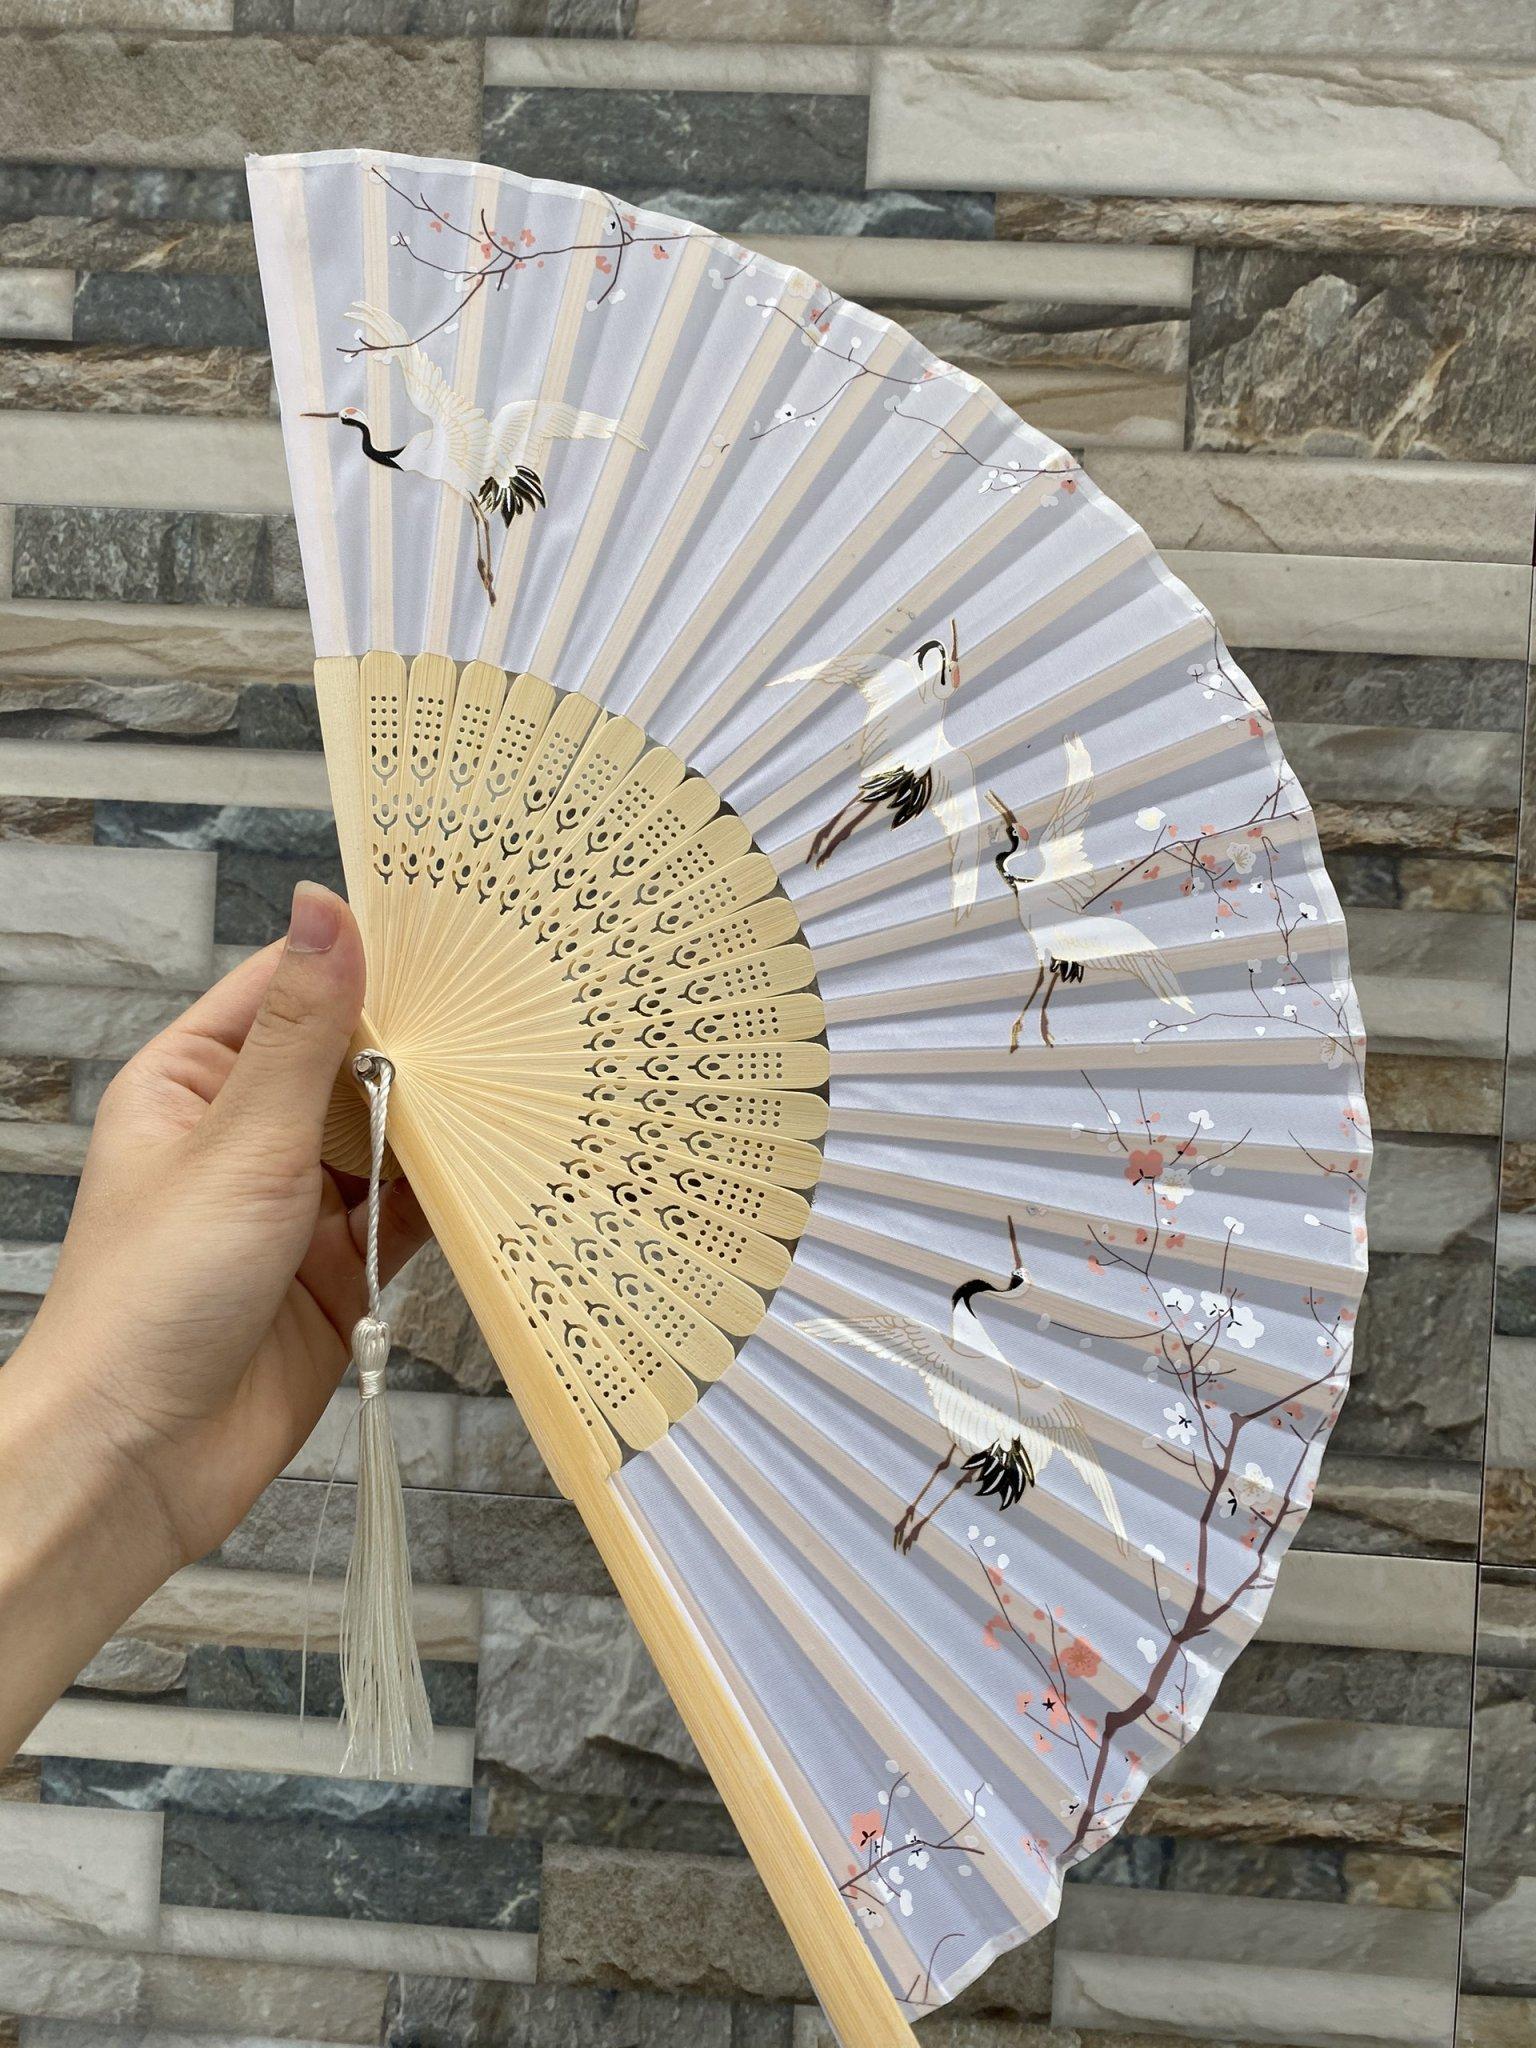 Quạt cổ trang dây tuyến BẠCH HẠC TRẮNG vải lụa xếp cầm tay quà tặng Trung Quốc xinh xắn